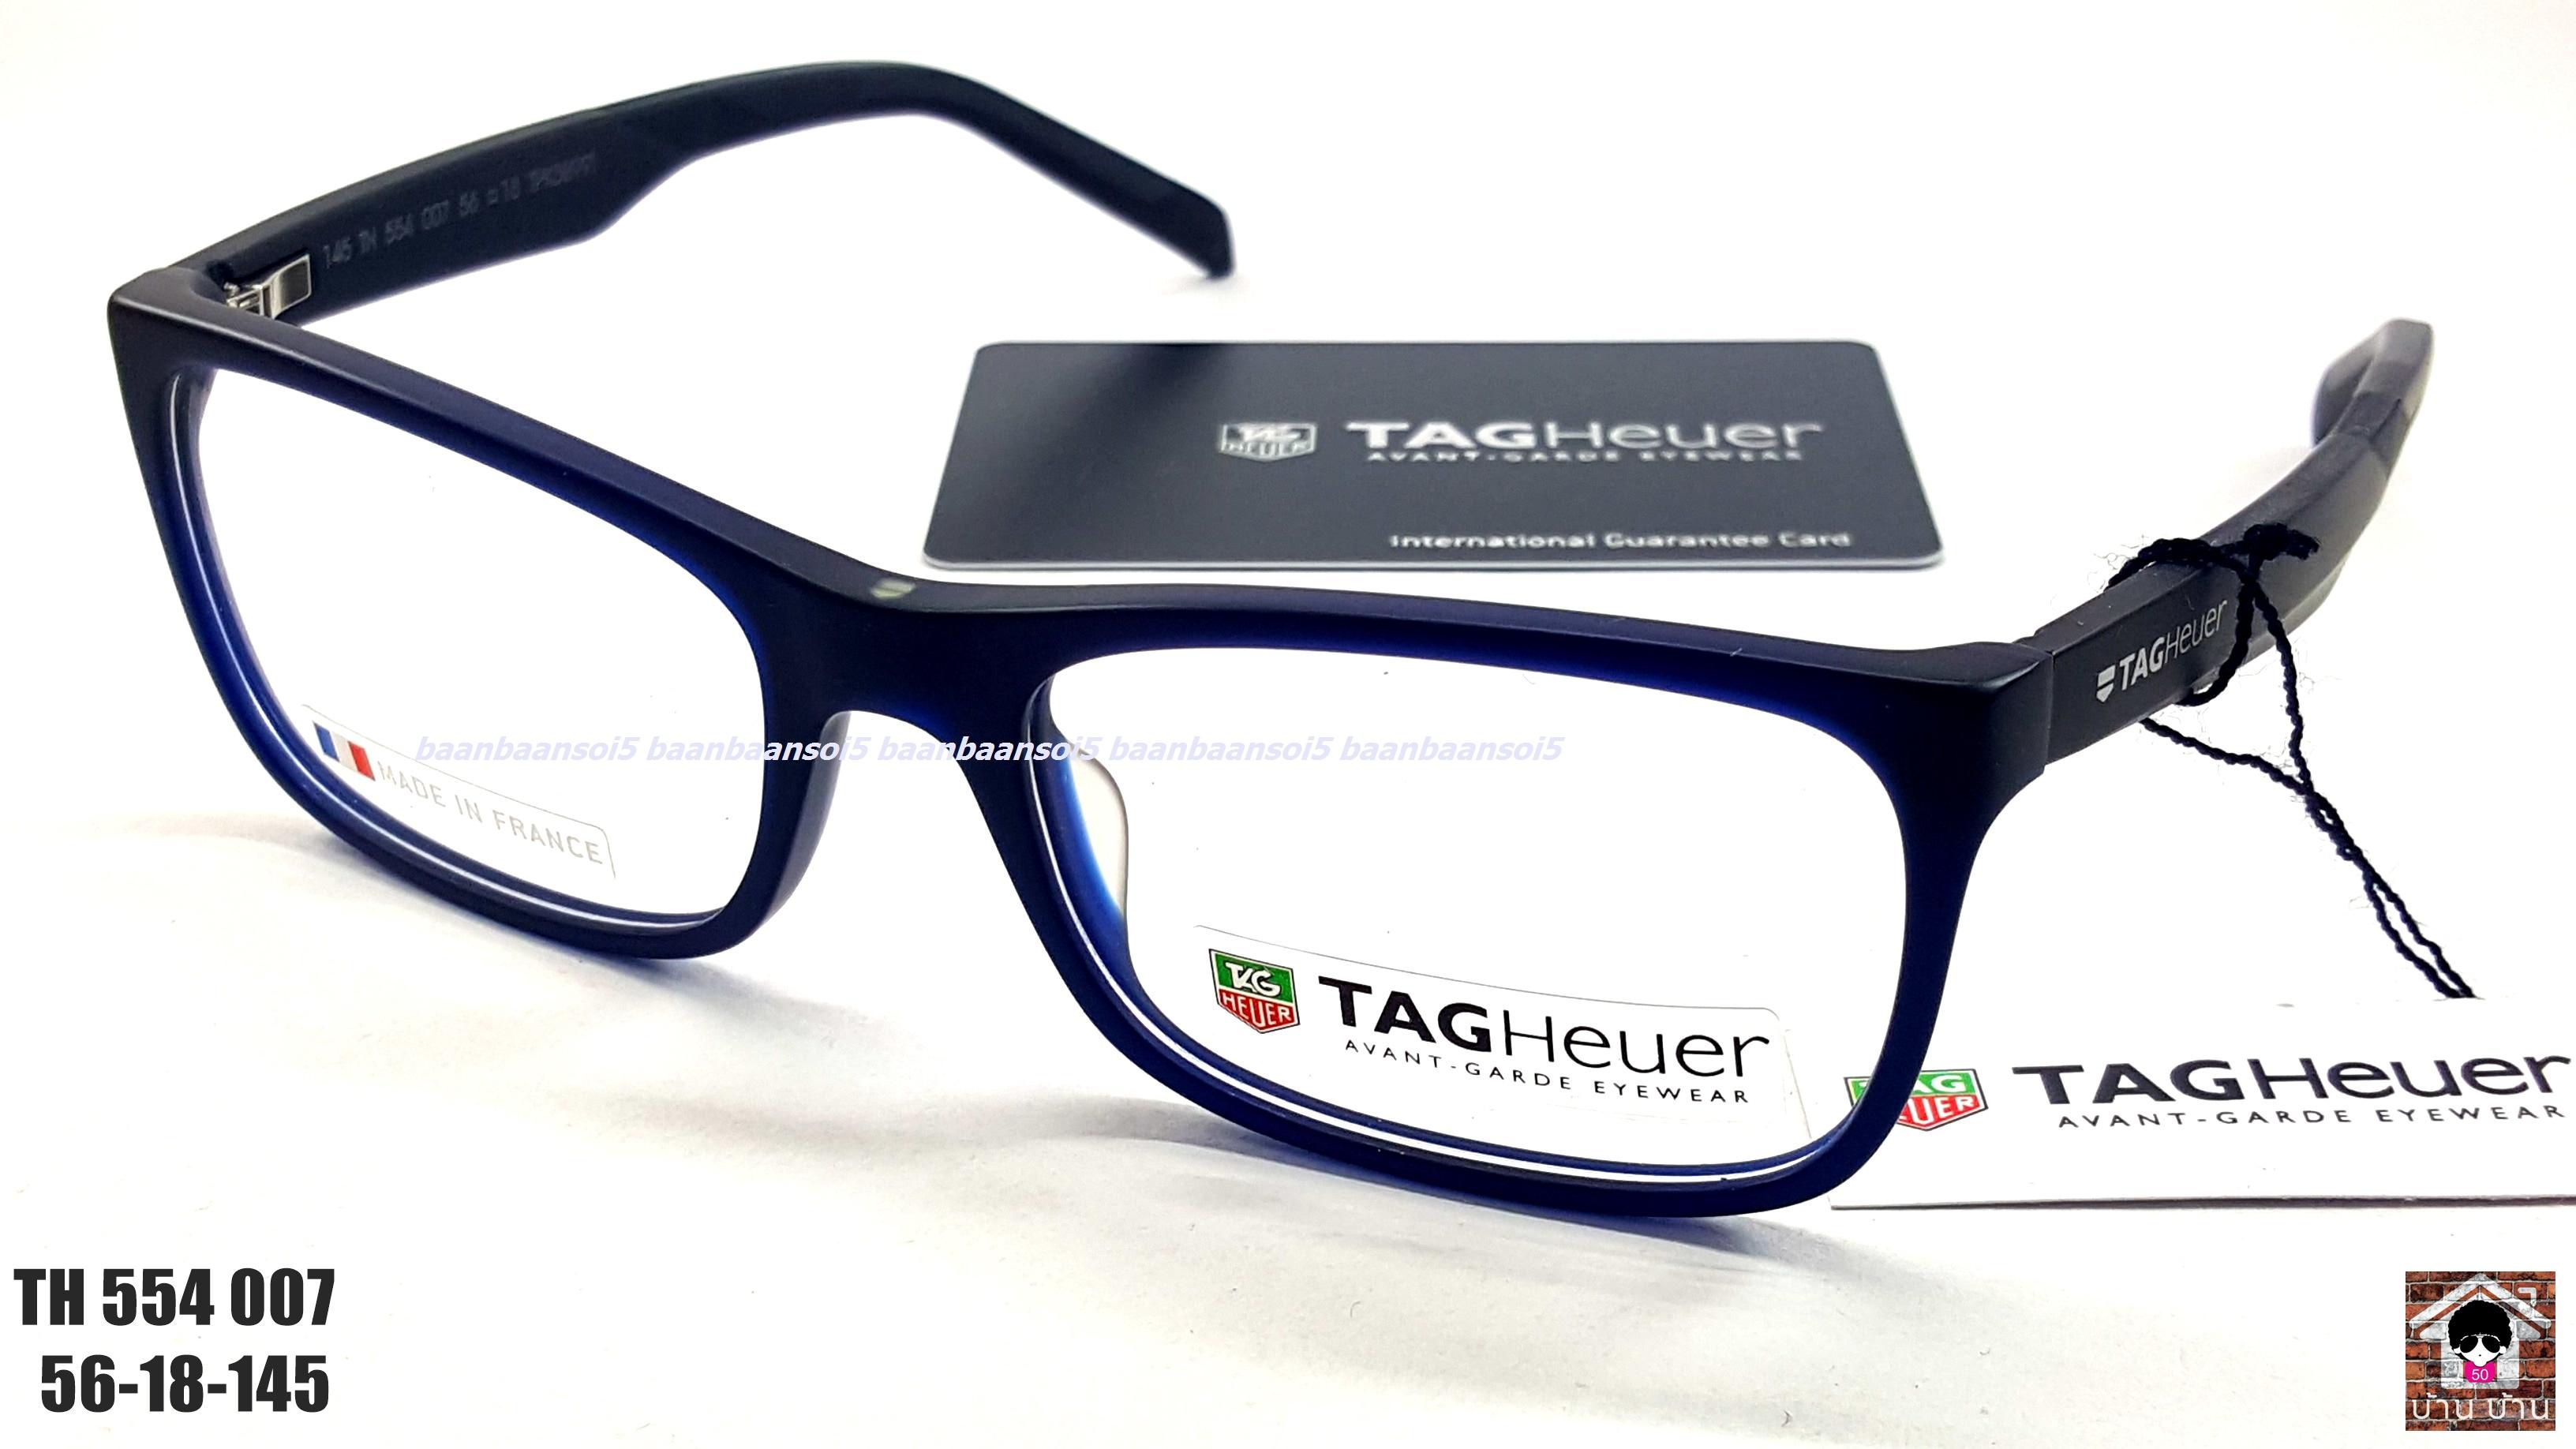 TAG HEUER TH 554 007 Eyeglasses Authentic โปรโมชั่น กรอบแว่นตาพร้อมเลนส์ HOYA ราคา 6,200 บาท